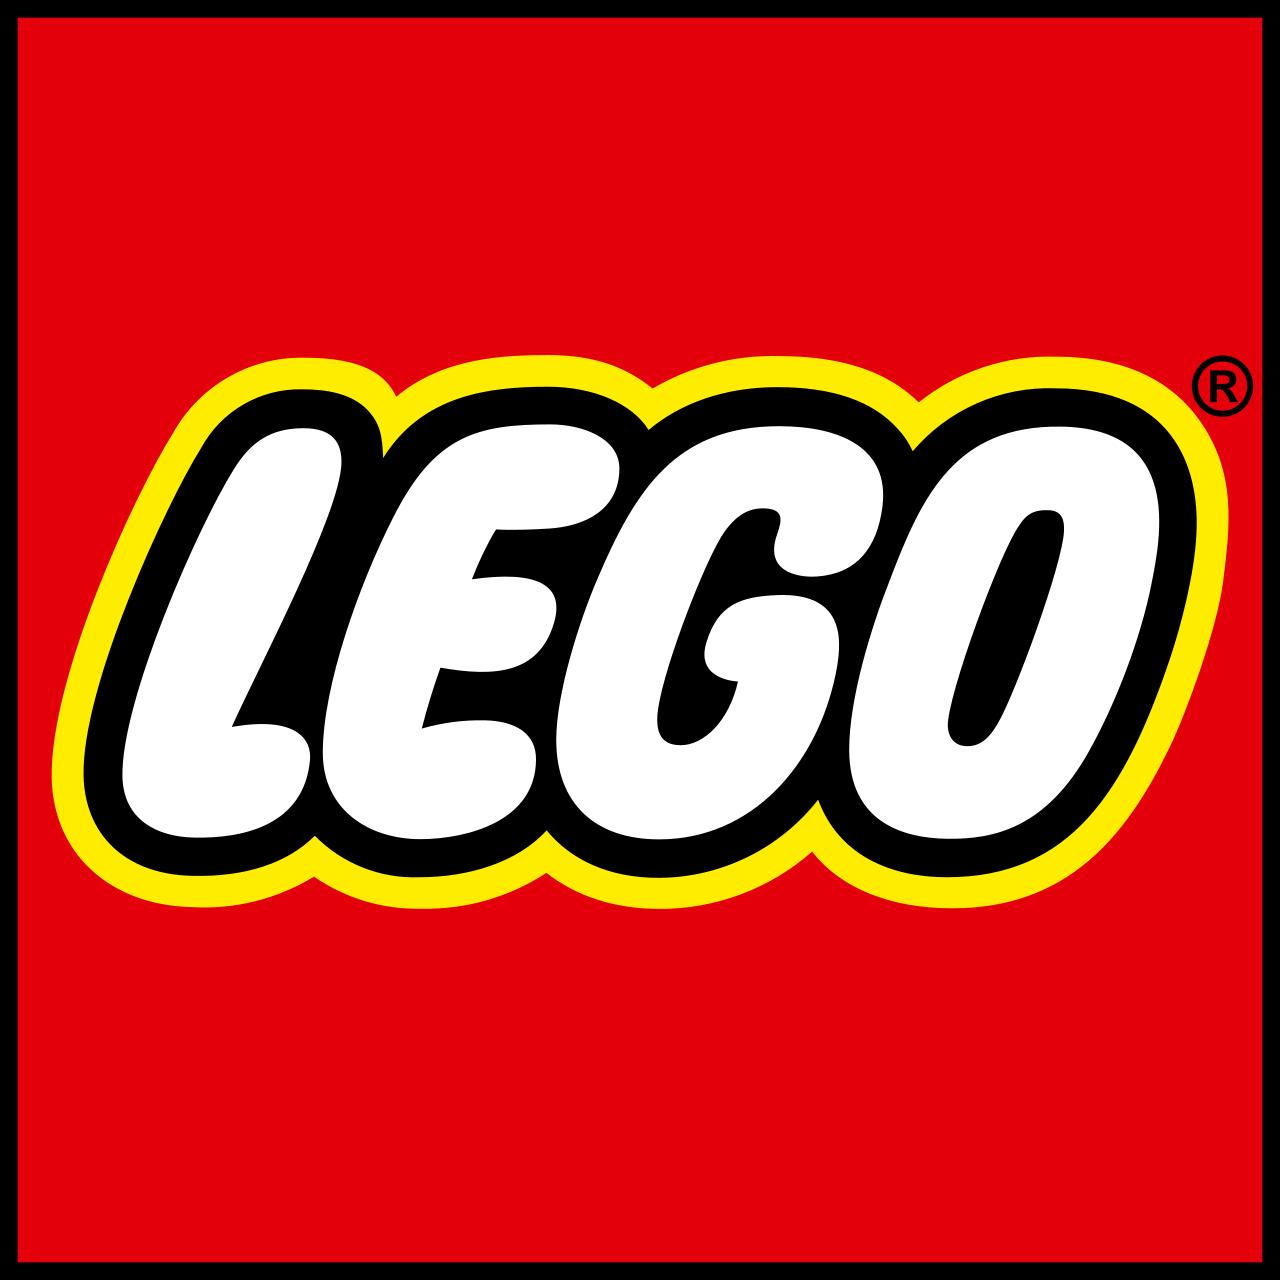 Zestawy Lego -20% / wildberries.eu